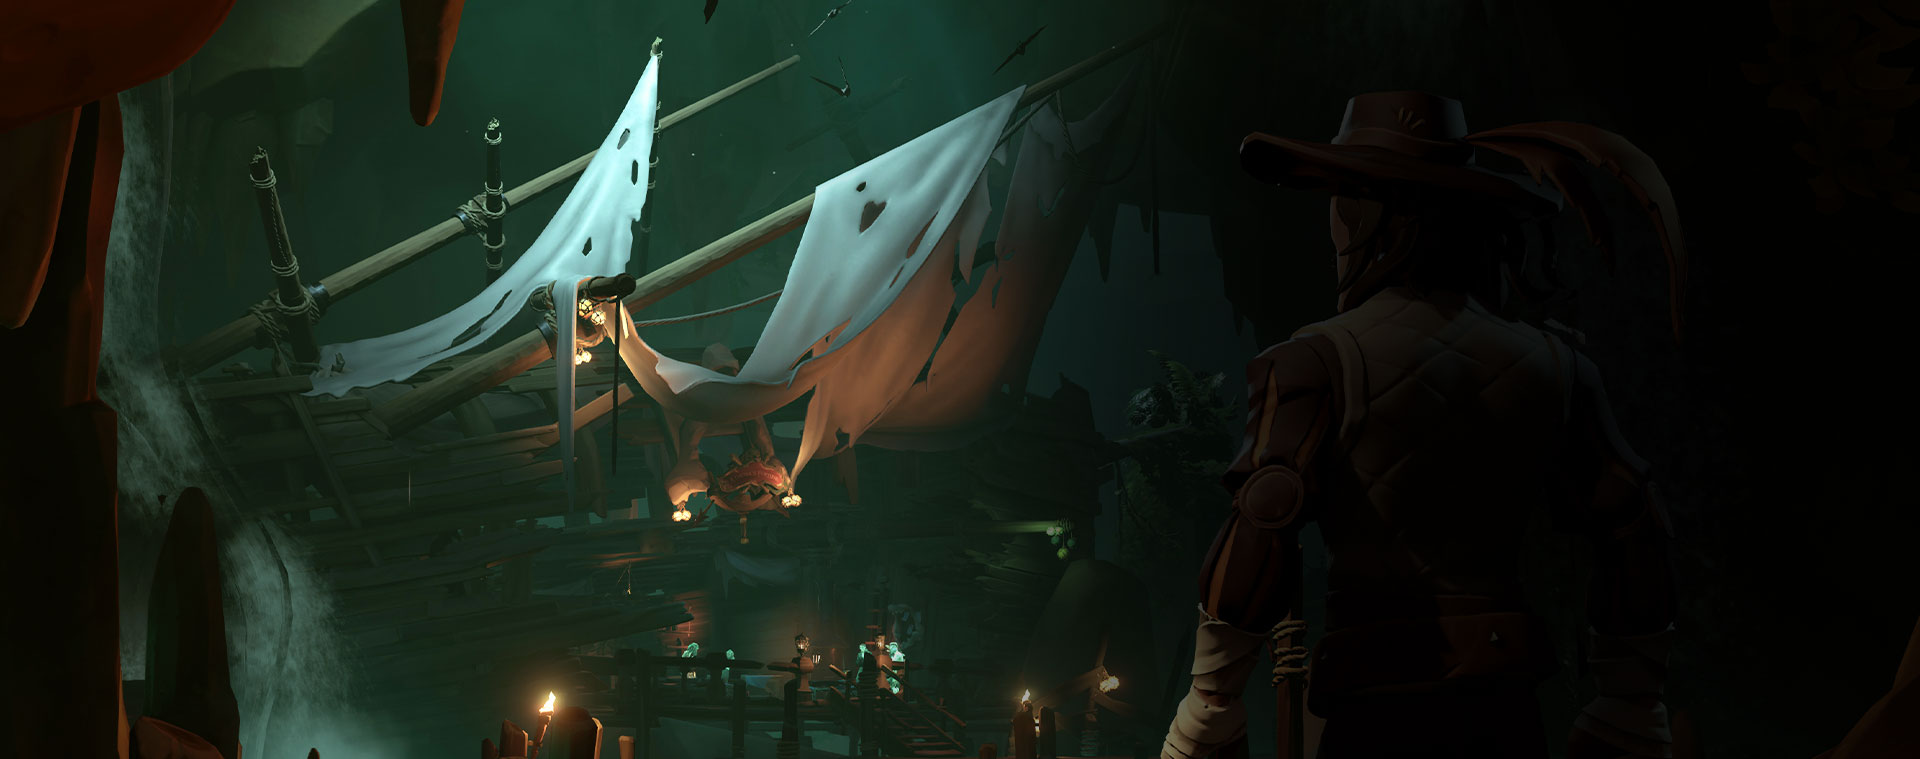 Personage uit Sea of Thieves bekijkt een schip dat schipbreuk heeft geleden